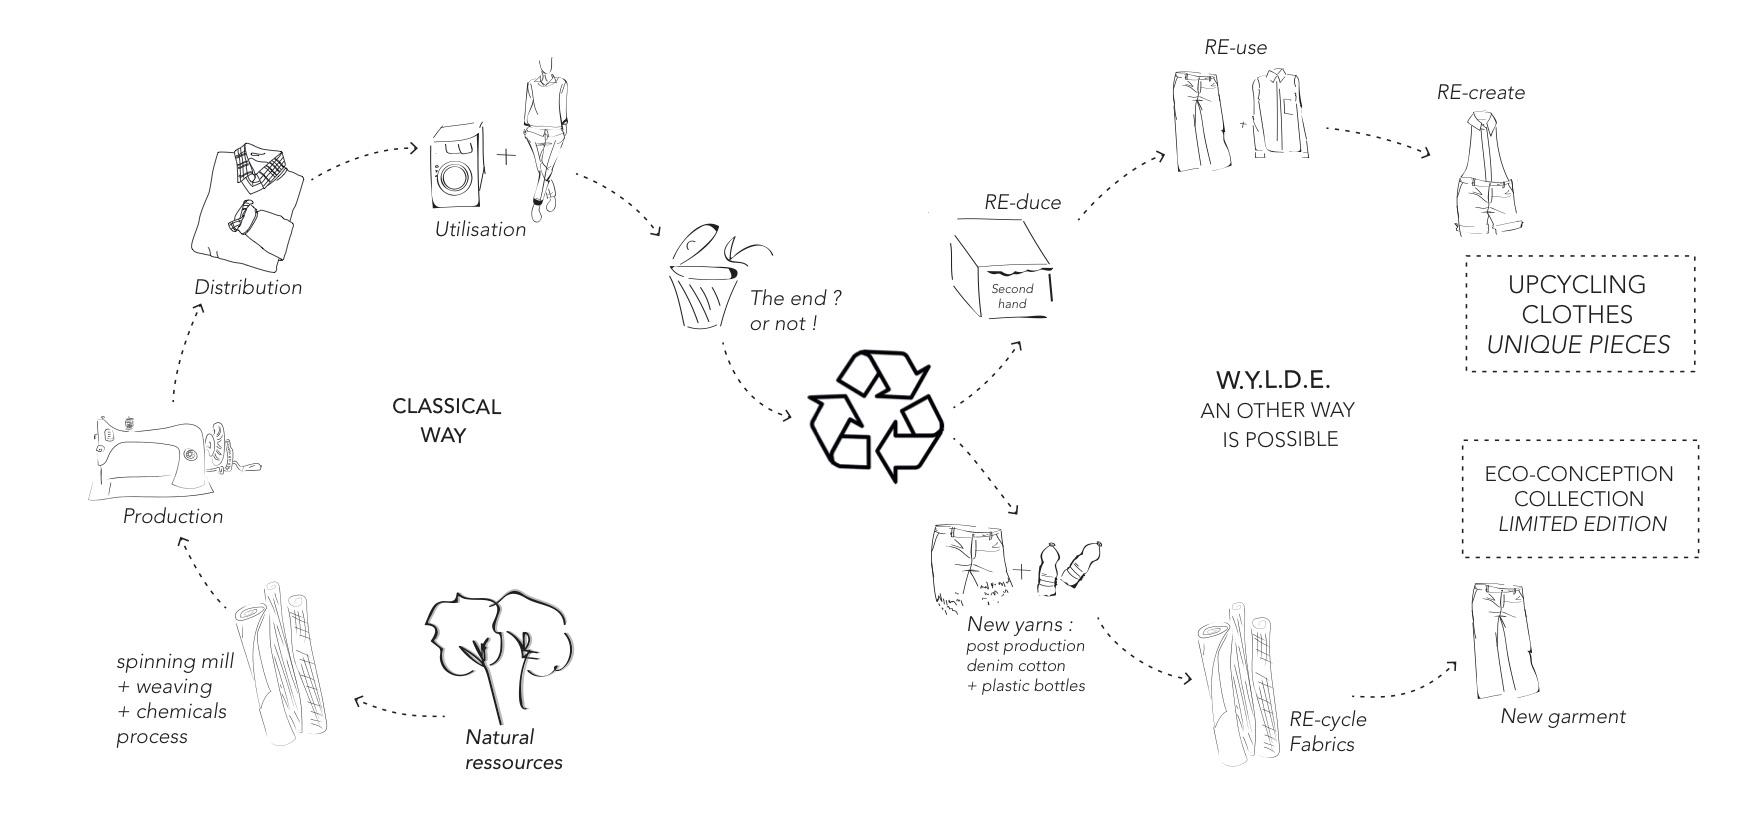 cycle de vie textile recyclage wylde